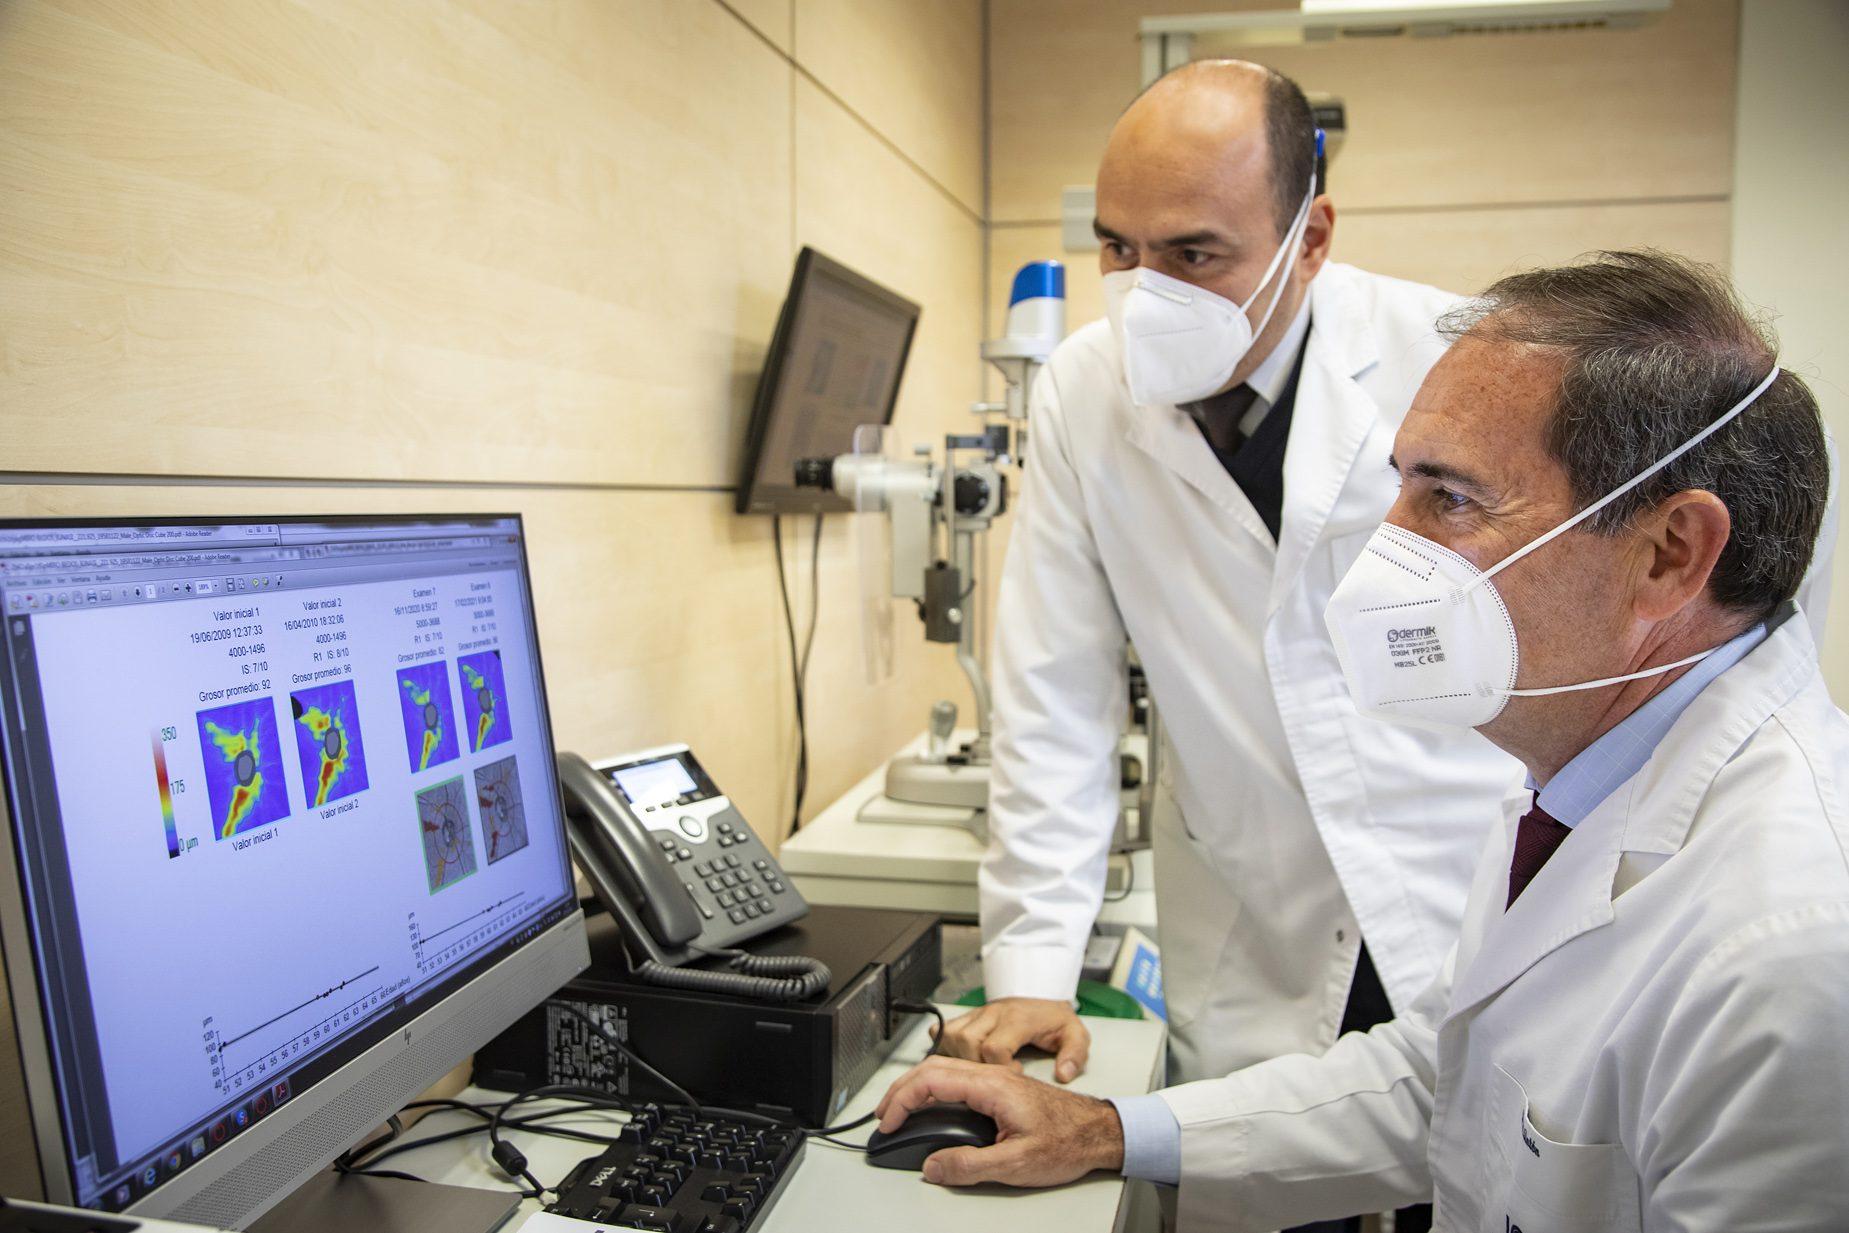 El departamento de glaucoma analiza detalladamente los casos de cada paciente, con el fin de hacer el mejor diagnóstico y tratamiento.